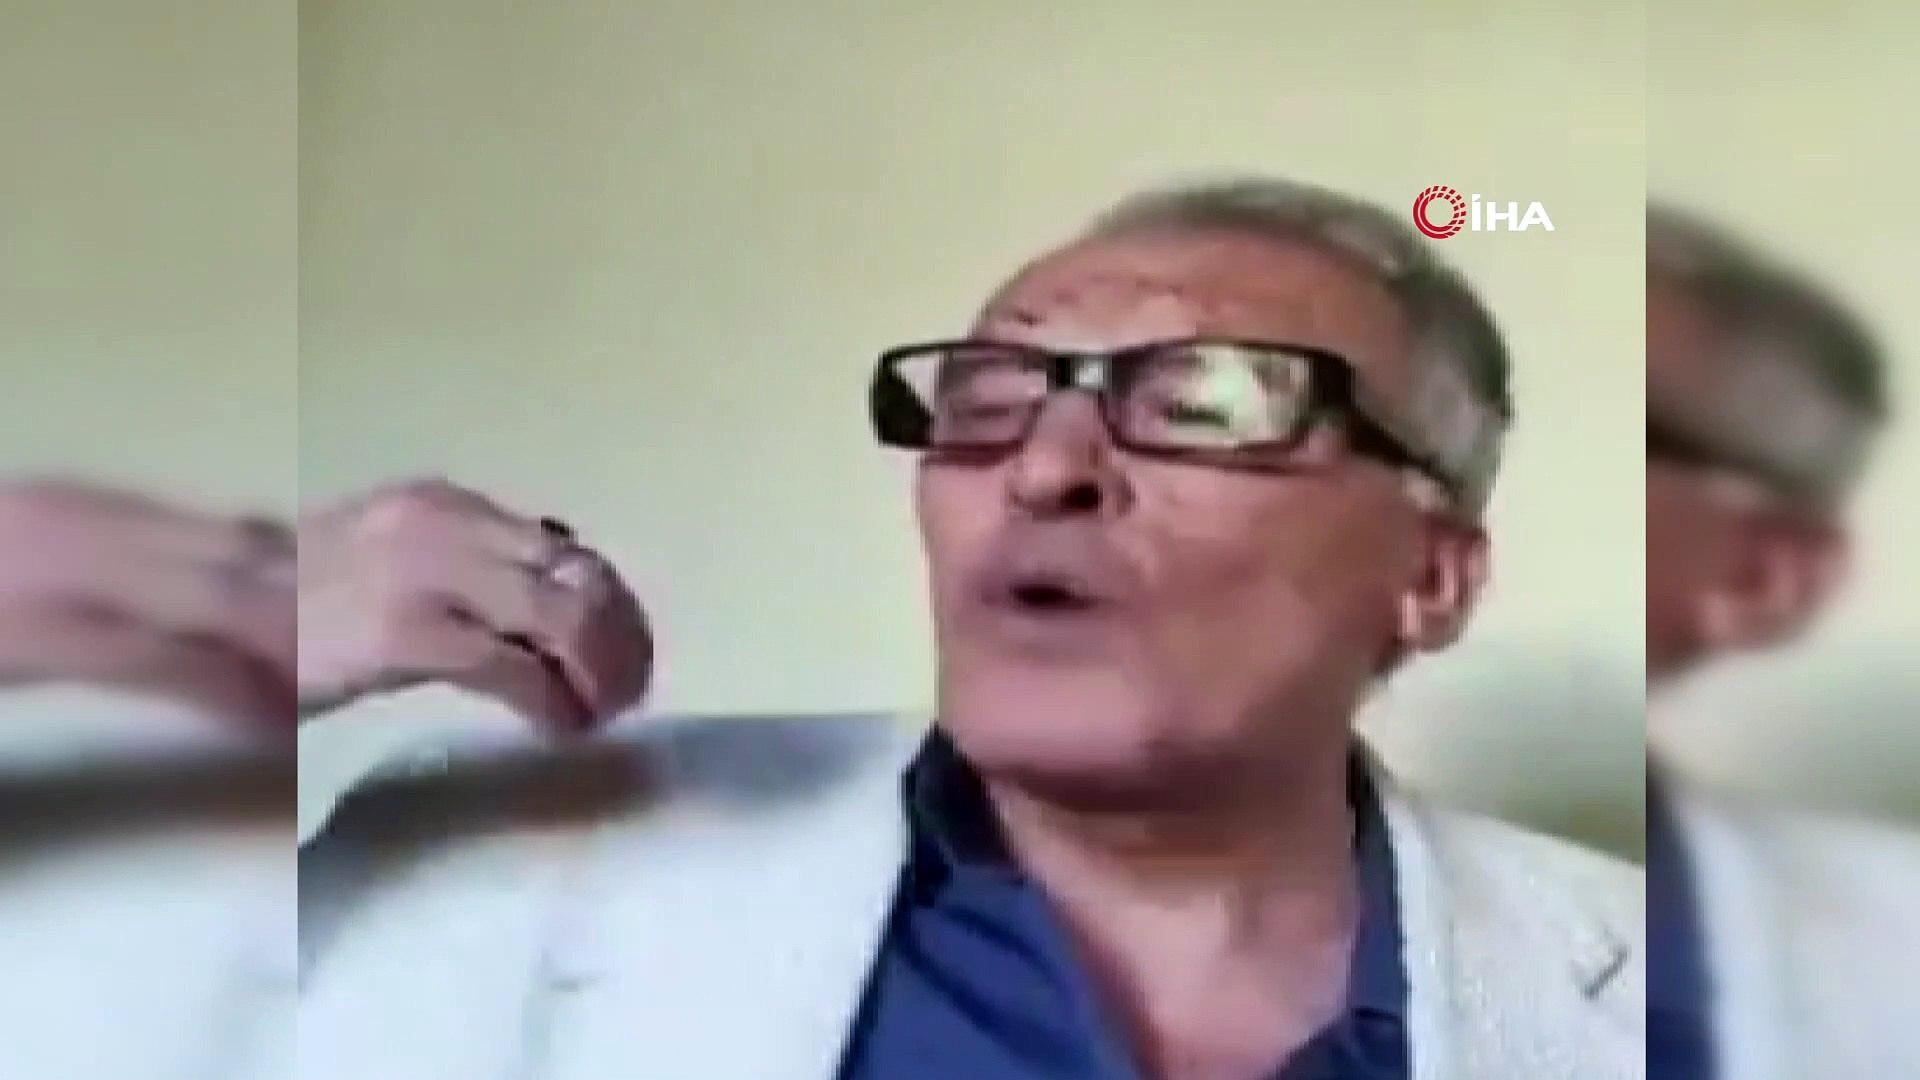 Savcı Sayan'ı tehdit eden kişinin kimliği tespit edildi - Dailymotion Video